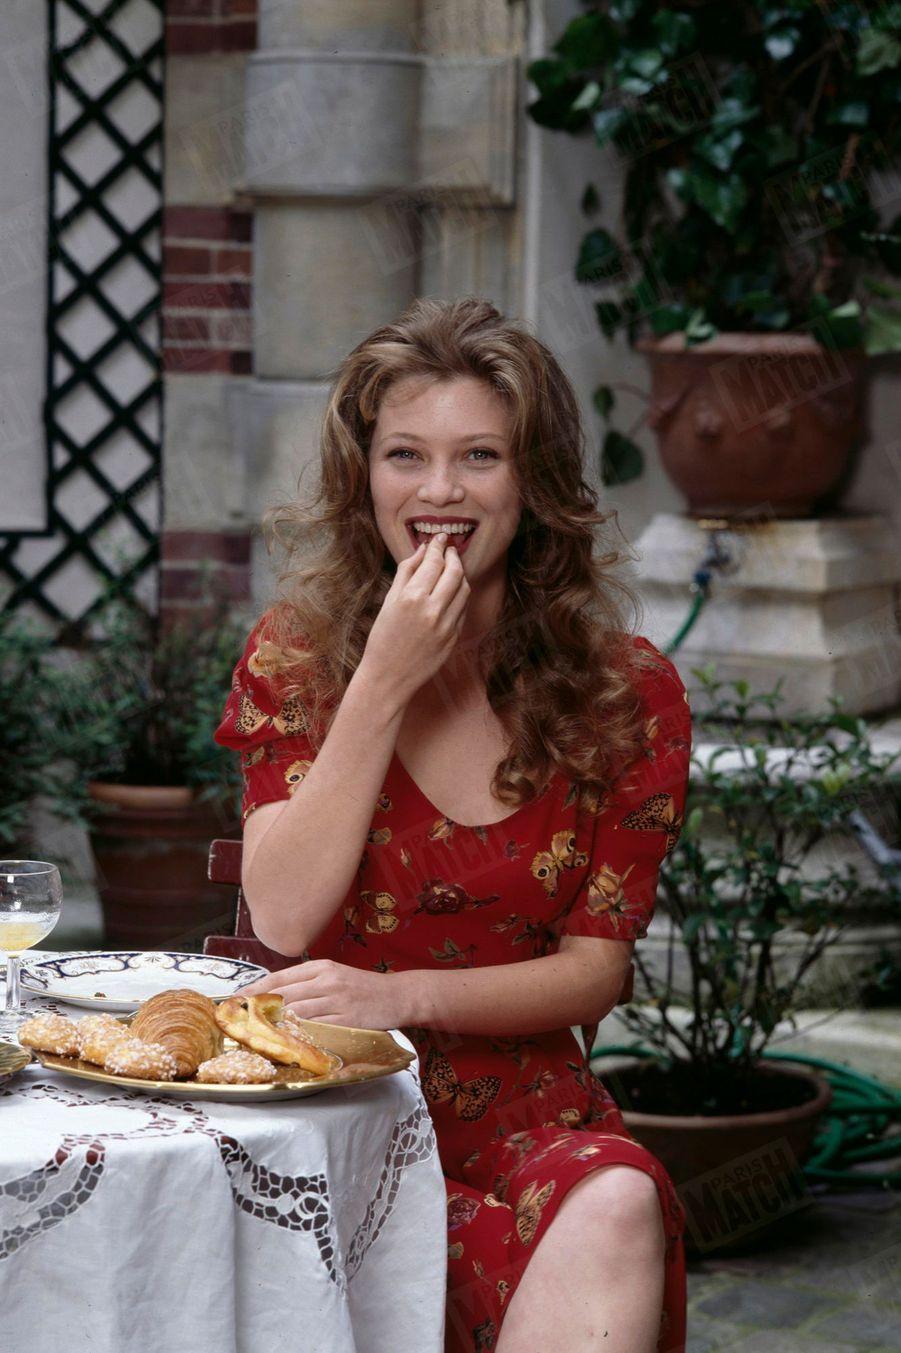 « Cécile Bois a été habillée par Lolita Lempicka en personne. Qui a agrafé ses corsages et accroché son collier. Ici, elle porte une robe décolletée en crèpe rouge. » - Paris Match n°2406, 6 juillet 1995